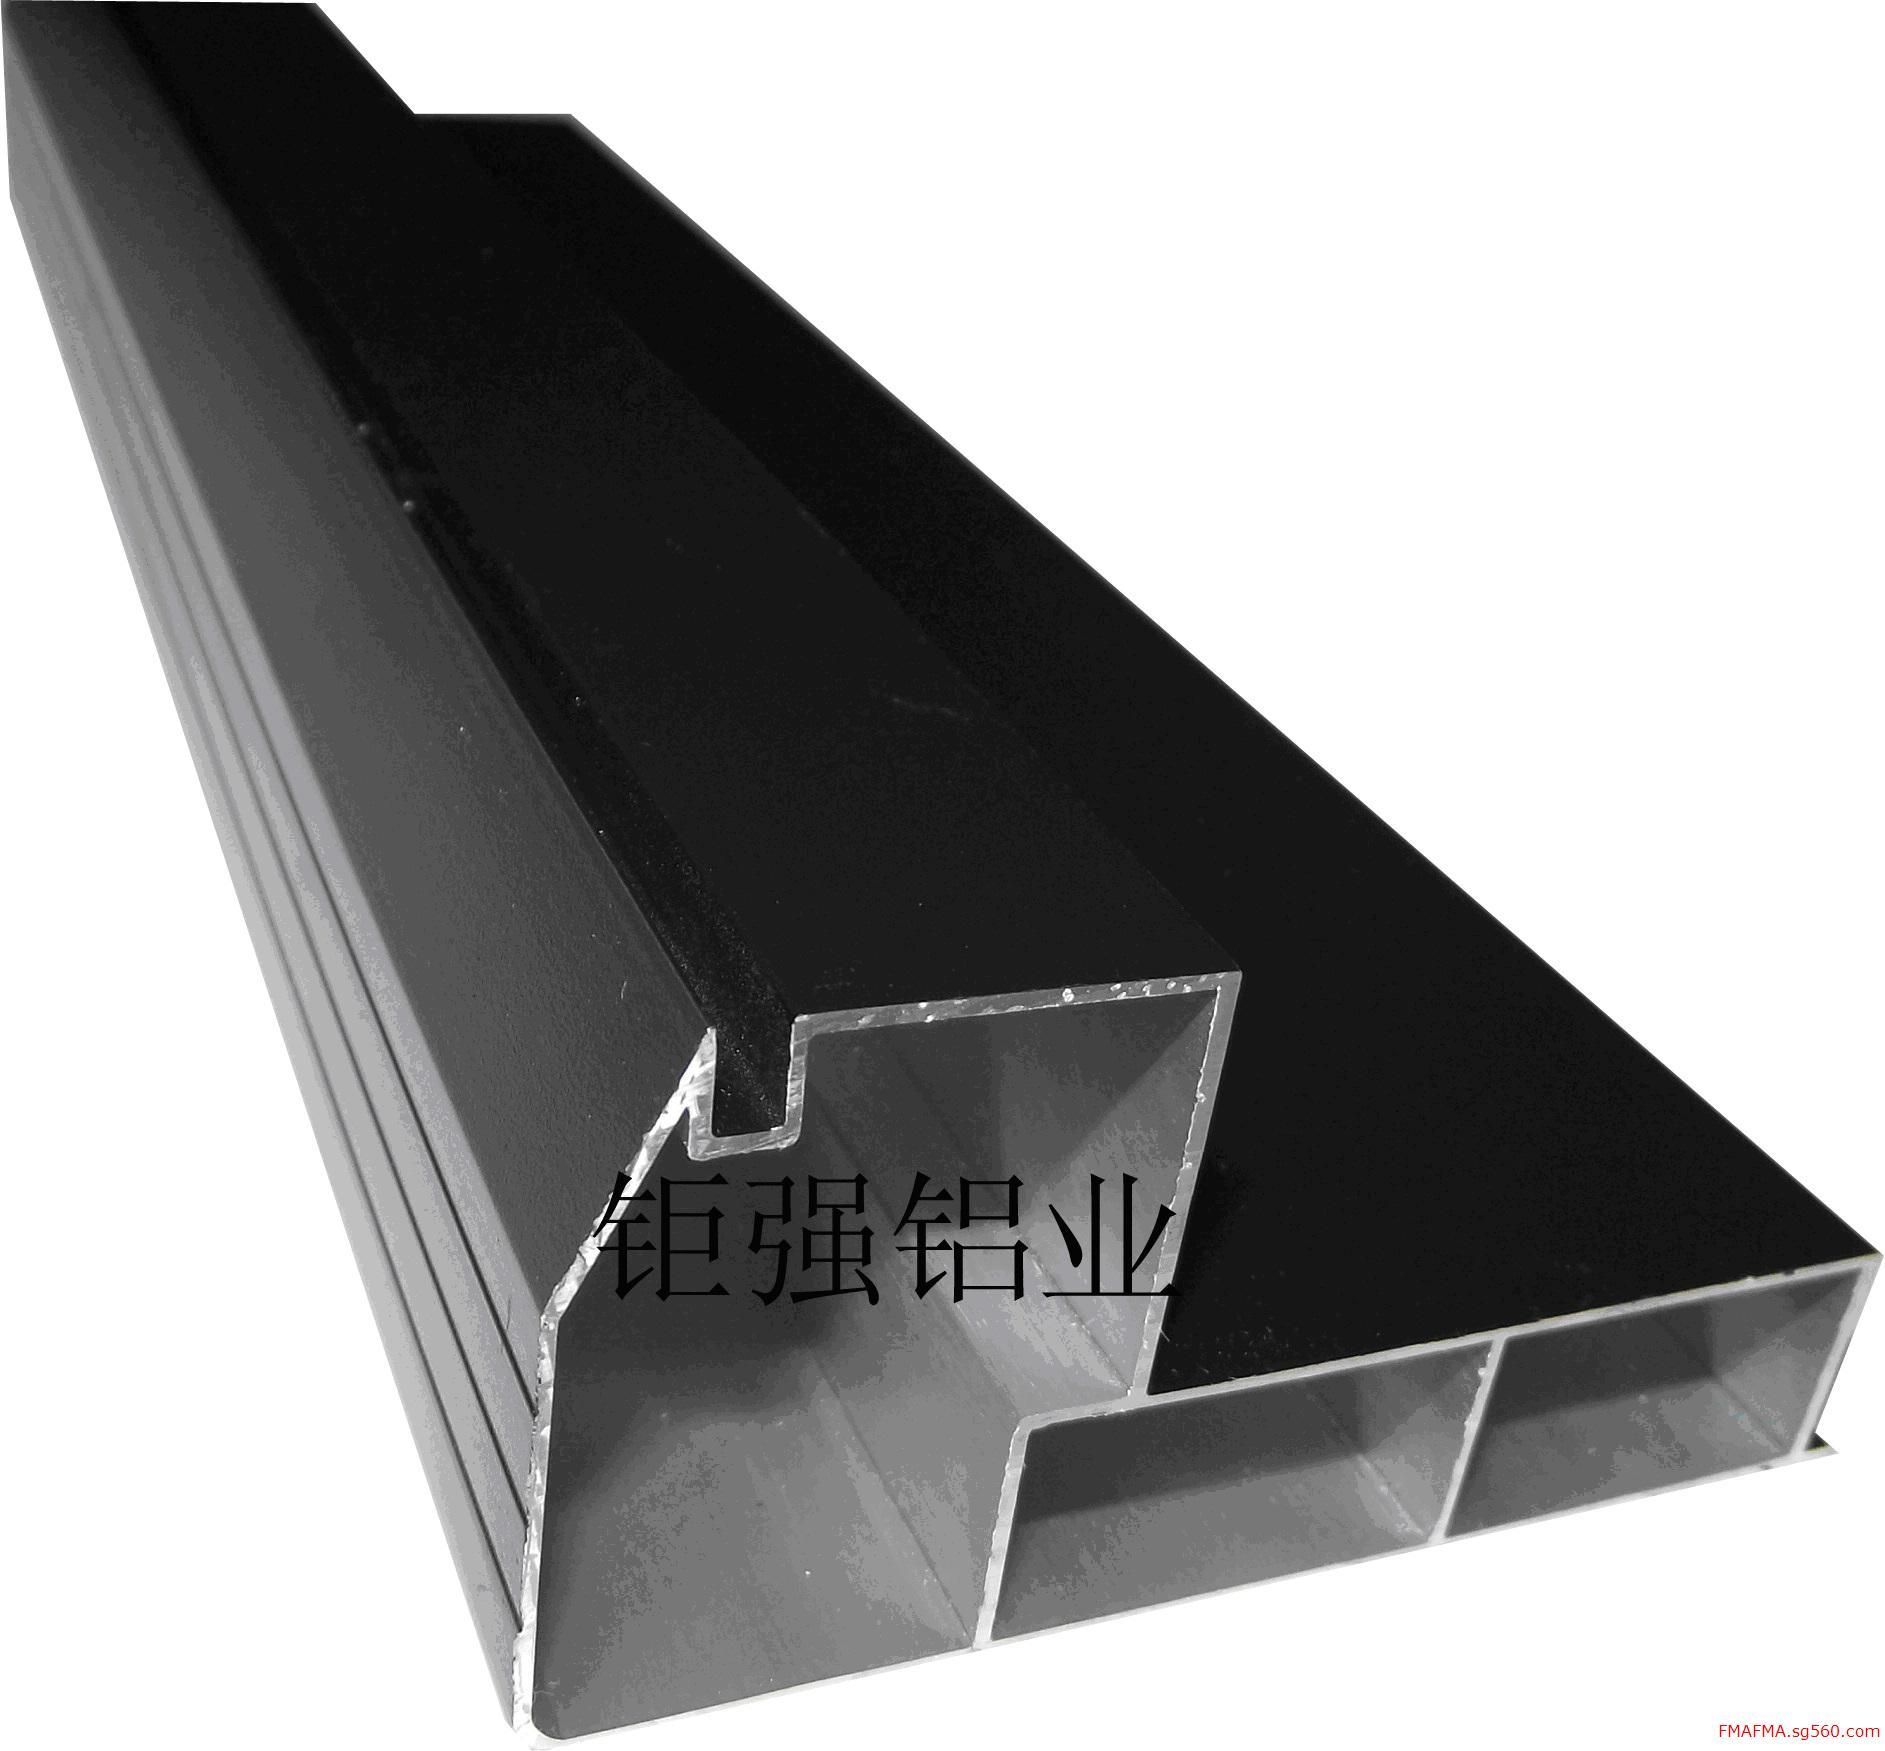 供应佛山飞玛仕4590 LED显示屏边框铝型材 LED显示屏铝边 广告边框 4590这个型号是很多人用的,它有两个厚度是1mm和1.3mm,它们的价钱也不同,1mm的是82元,1.3mm是113元。我们还专门为它们开模生产出弯头,弯头是2.5元,但是我们会每一条铝型材送两个弯头。 1) 外框名称: FMA-4590 2)尺寸规格: 45mmx90mmx6000mm 3)壁厚:1mm /1.